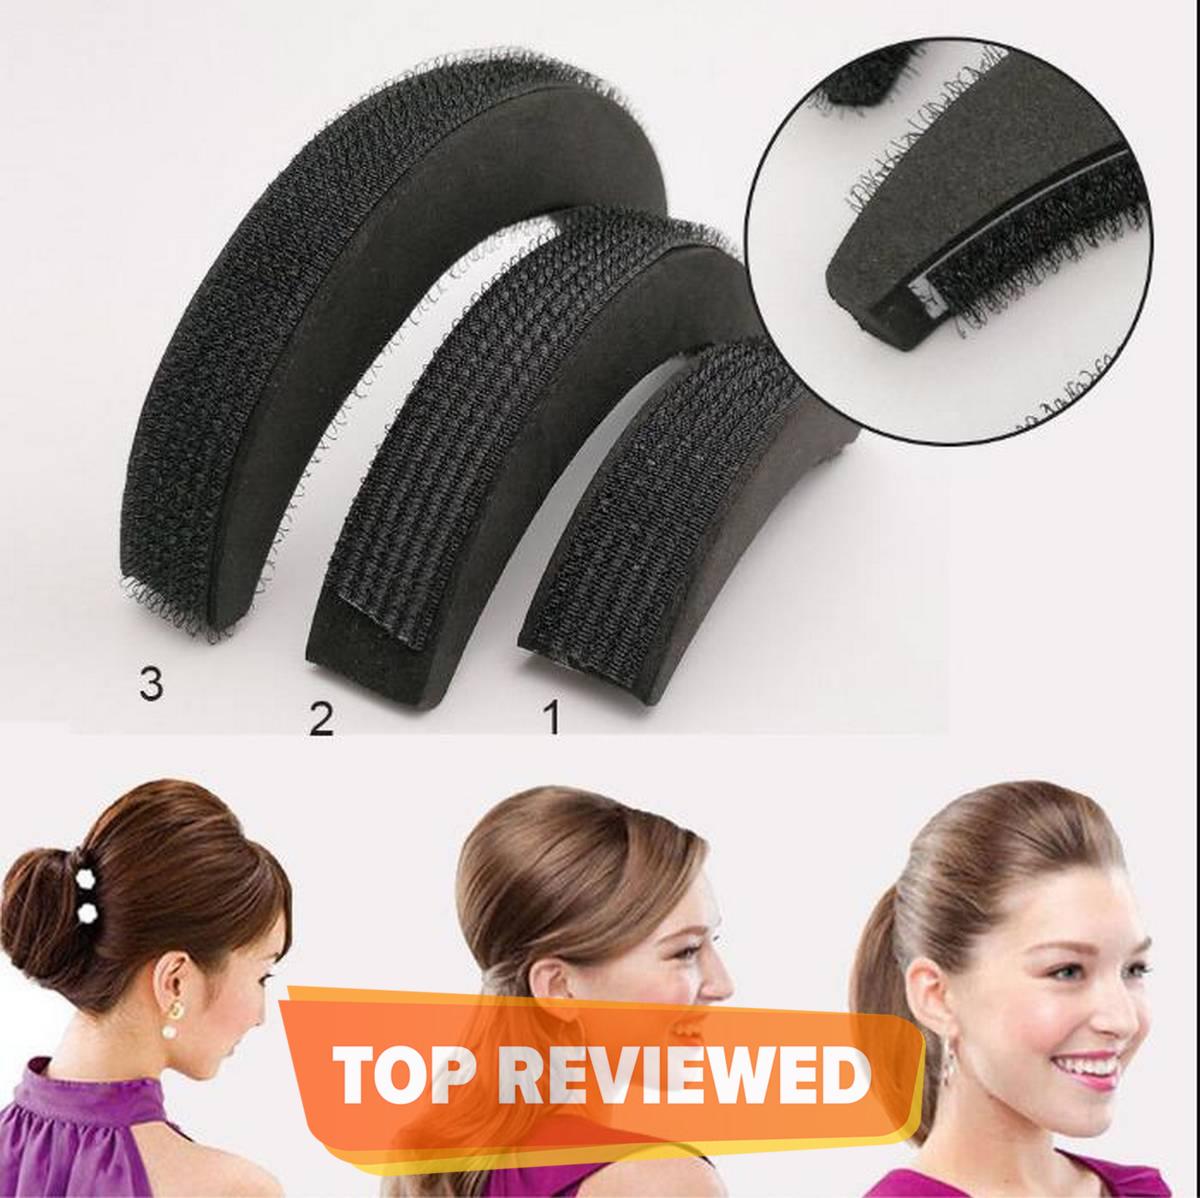 3Pcs/set Hair Pads Hair Volume Increase Puff Hair Bun Maker Donut Magic Foam Sponge Bump Up Insert Base Hair Accessories